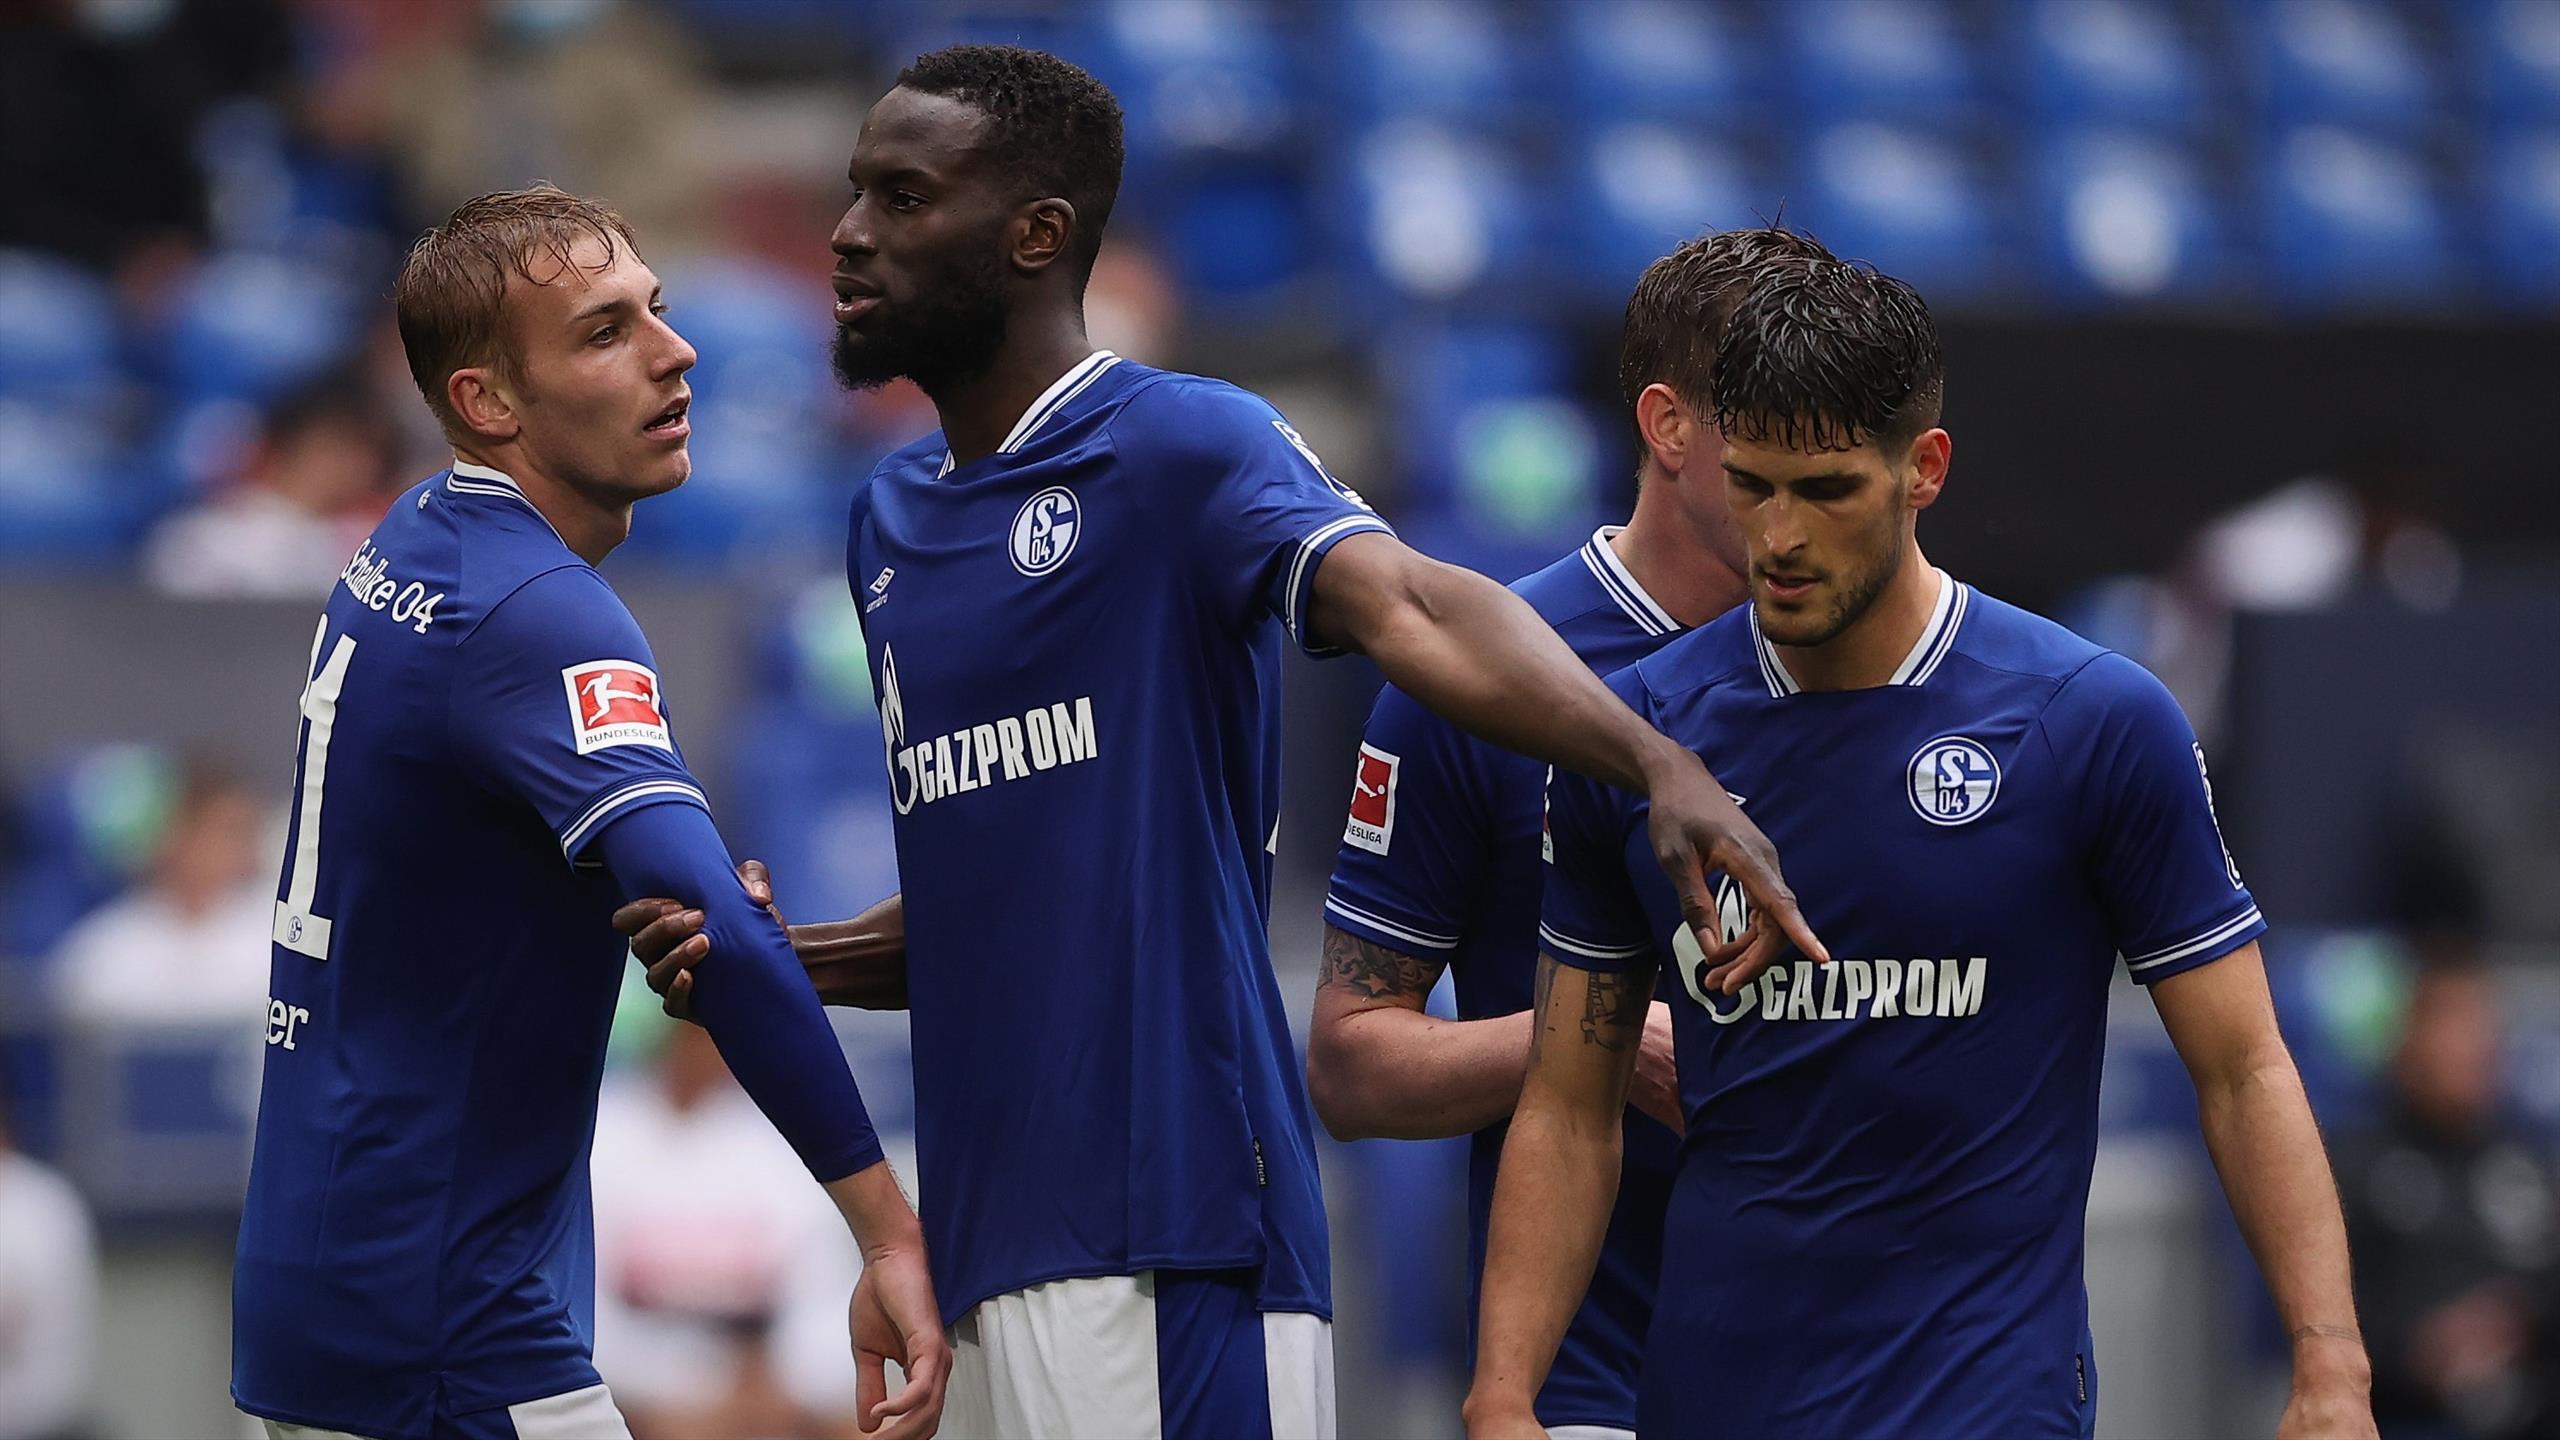 Schalke 04 Euroleague